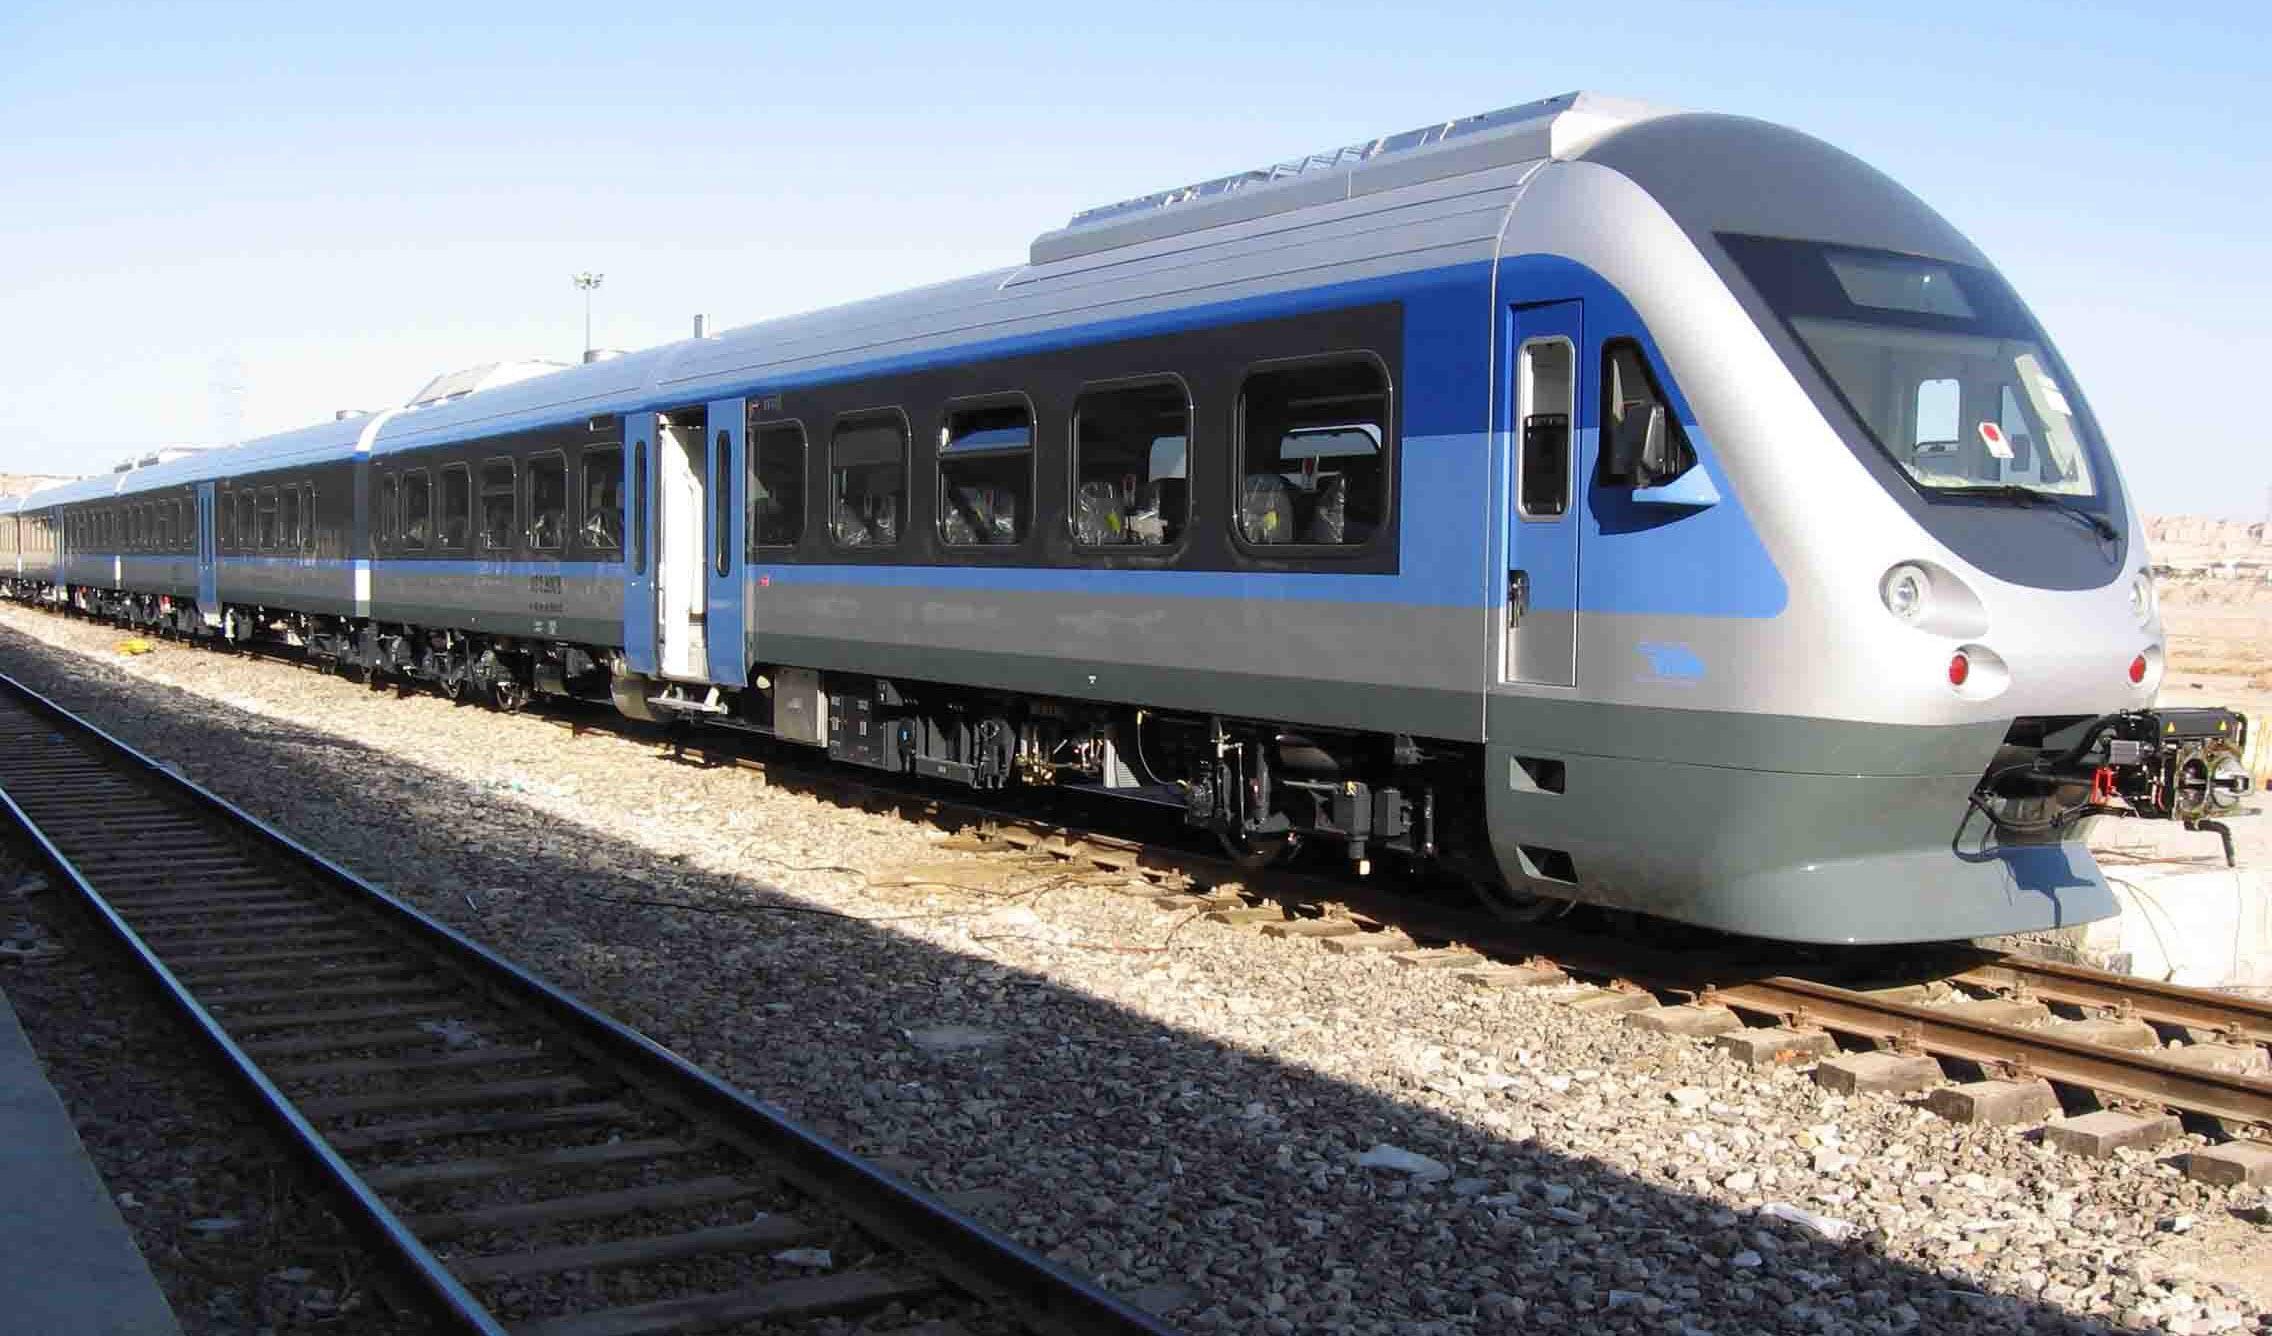 حذف فروش بلیط قطارهای ترنست به دلیل عدم حمایت دولت